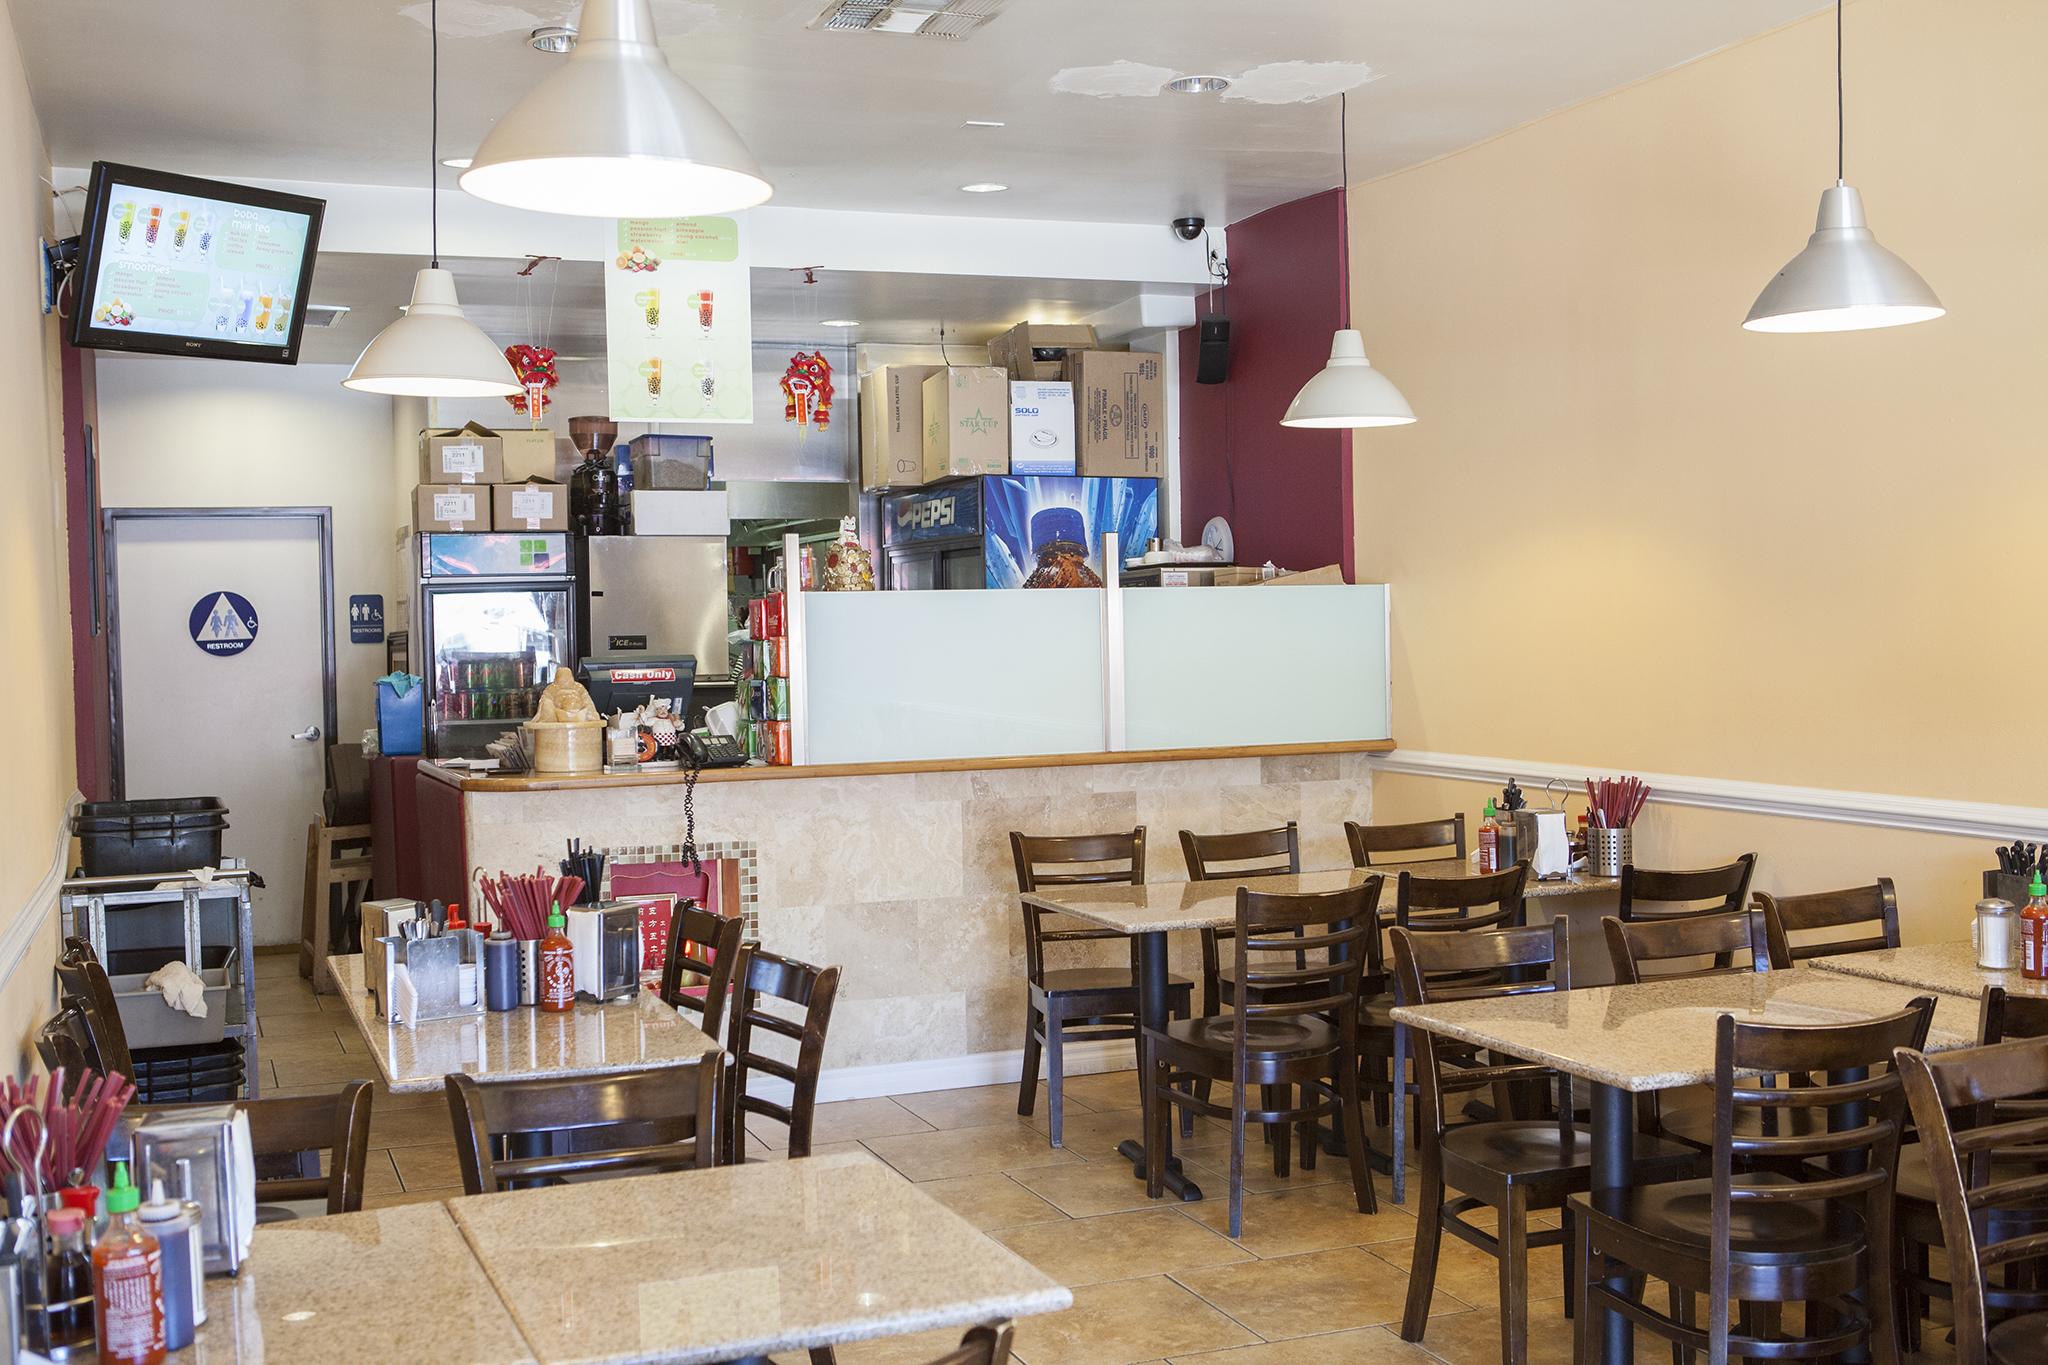 Gigo's Café & Deli